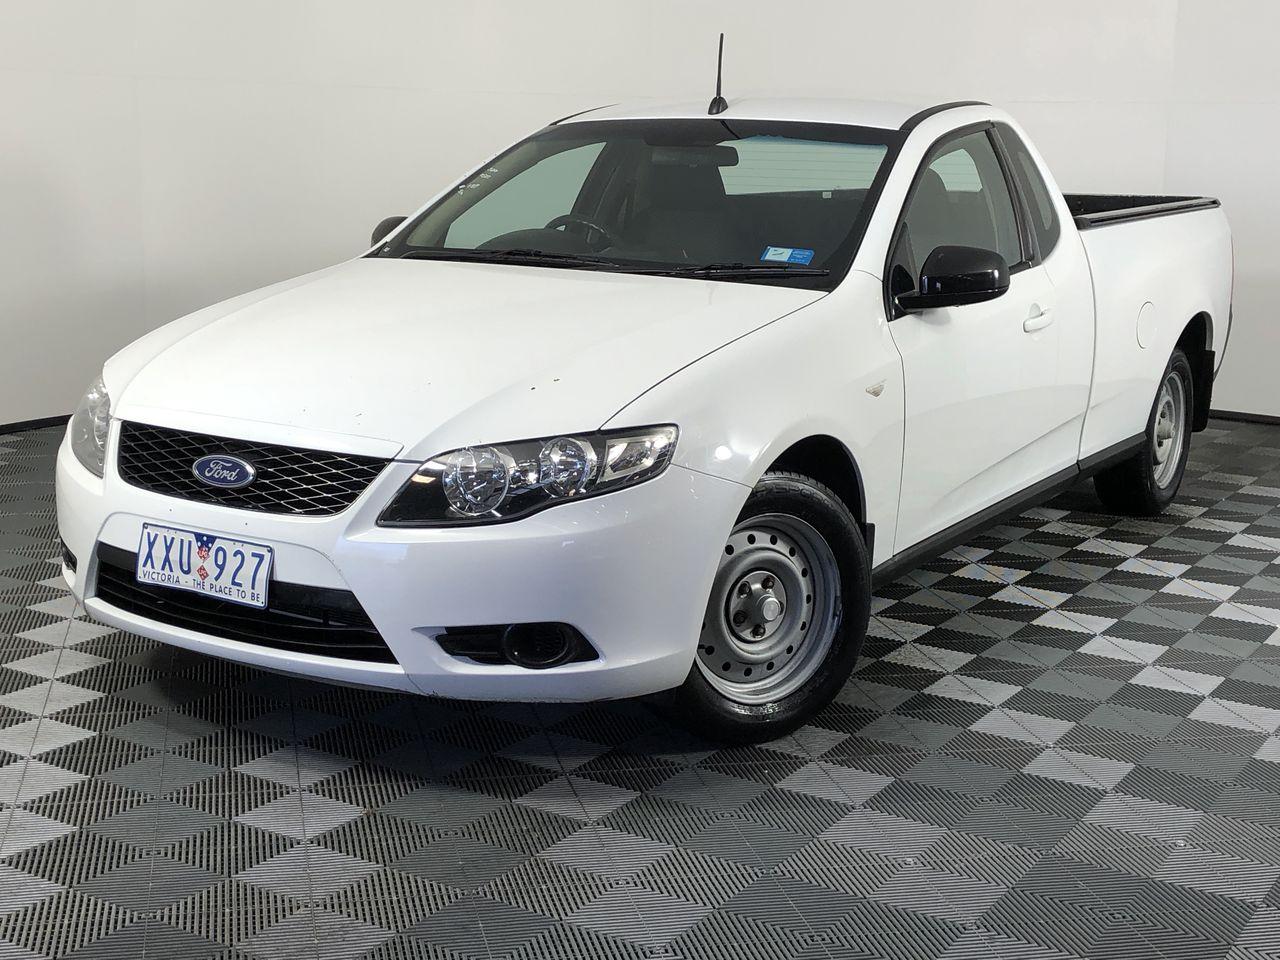 2010 Ford Falcon FG Automatic Ute LPG (EX GOV)